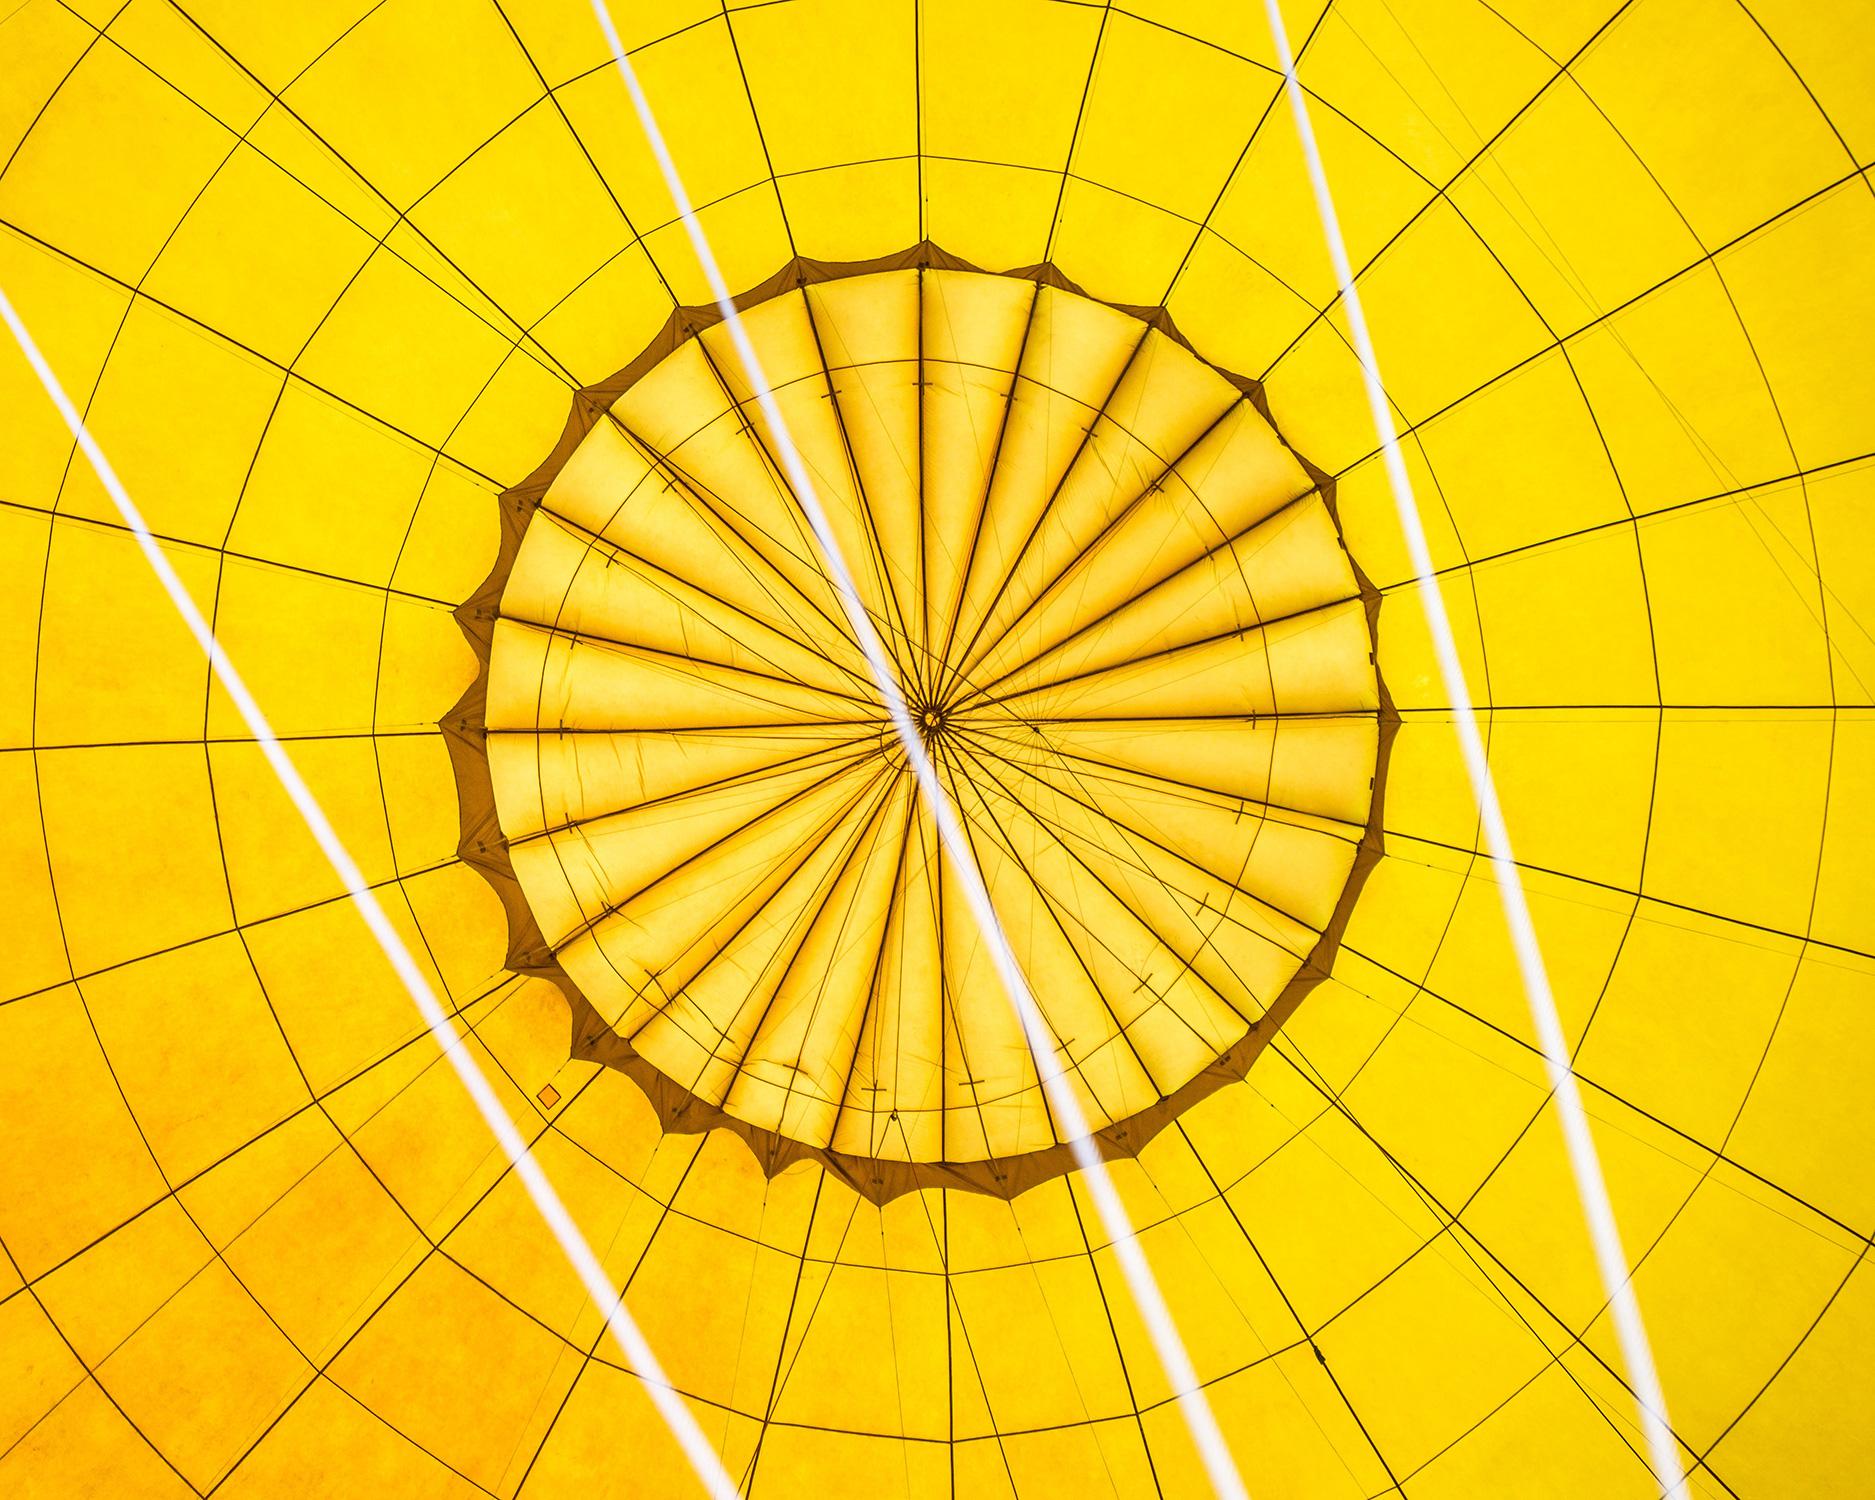 El Libro Amarillo Tendencias de Color Primavera 2021 Amarillo techo de lona amarilla